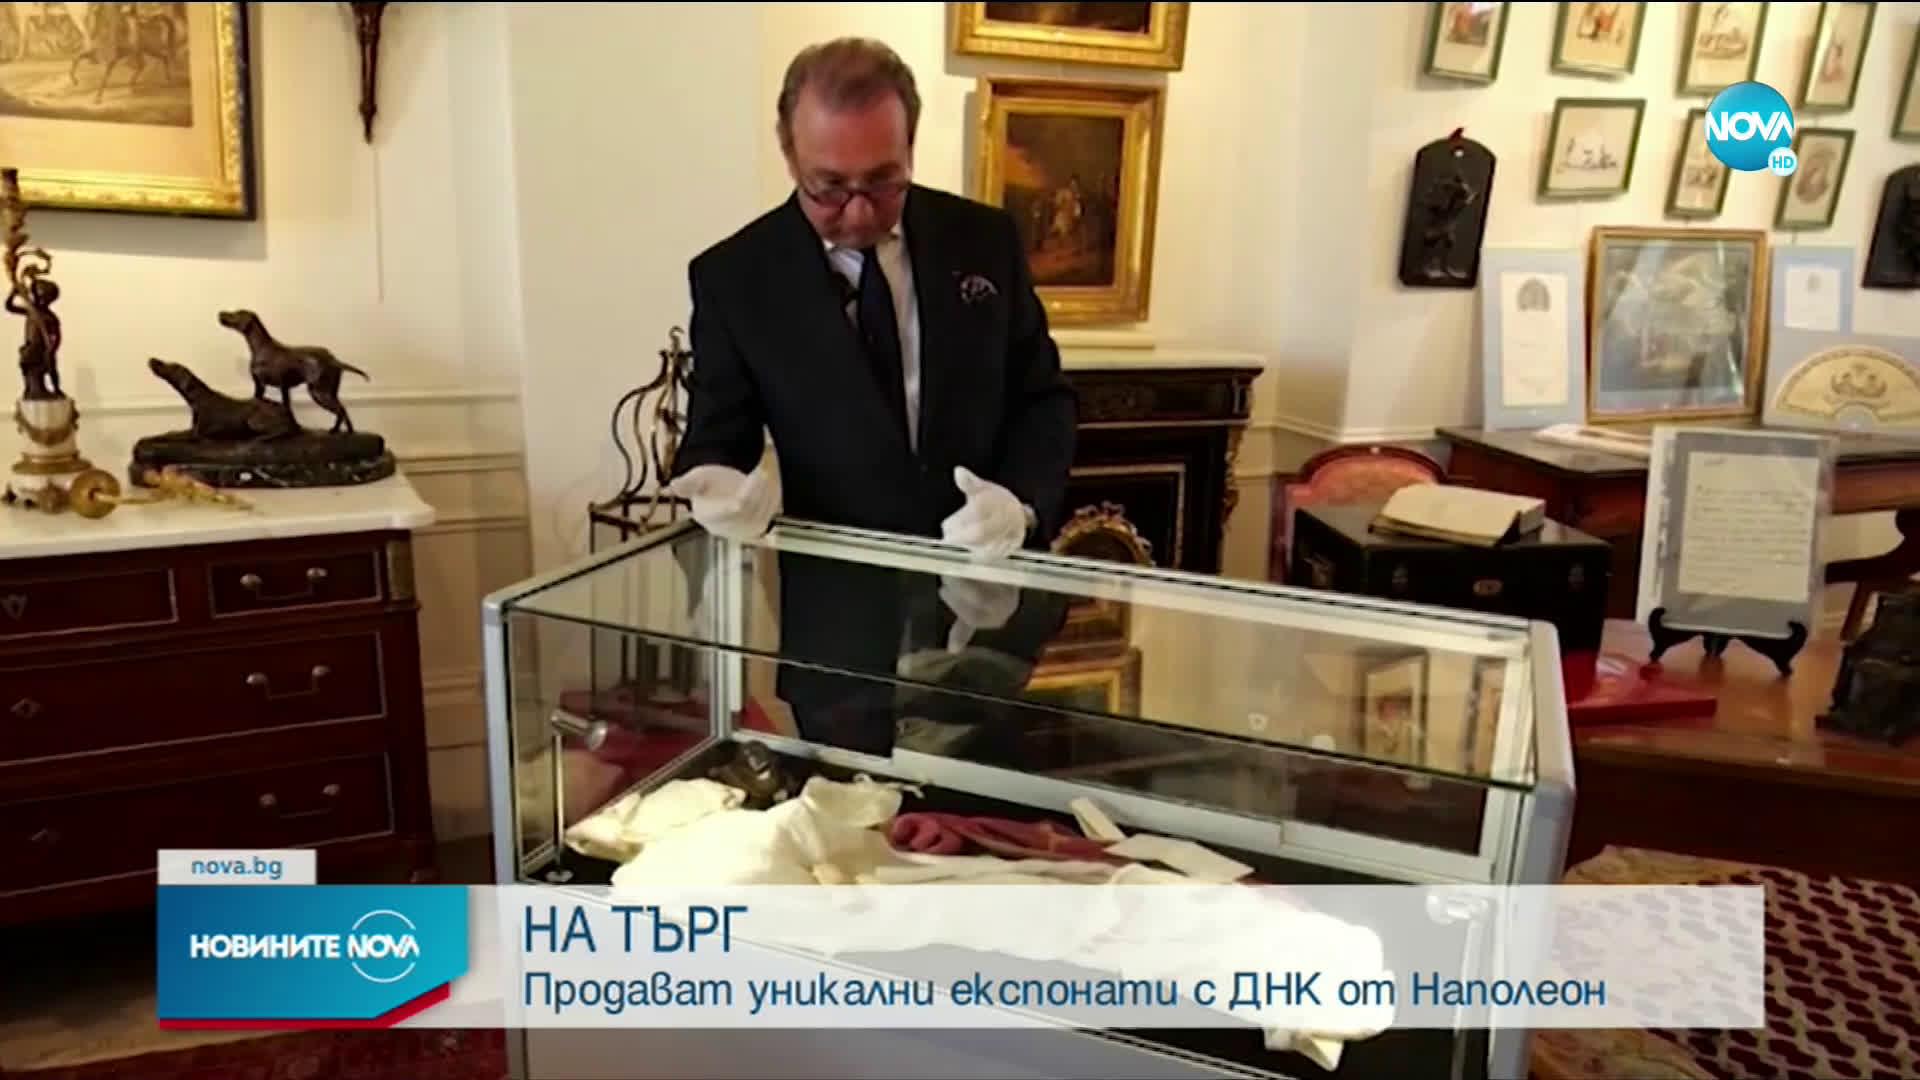 Продават уникални експонати с ДНК от Наполеон